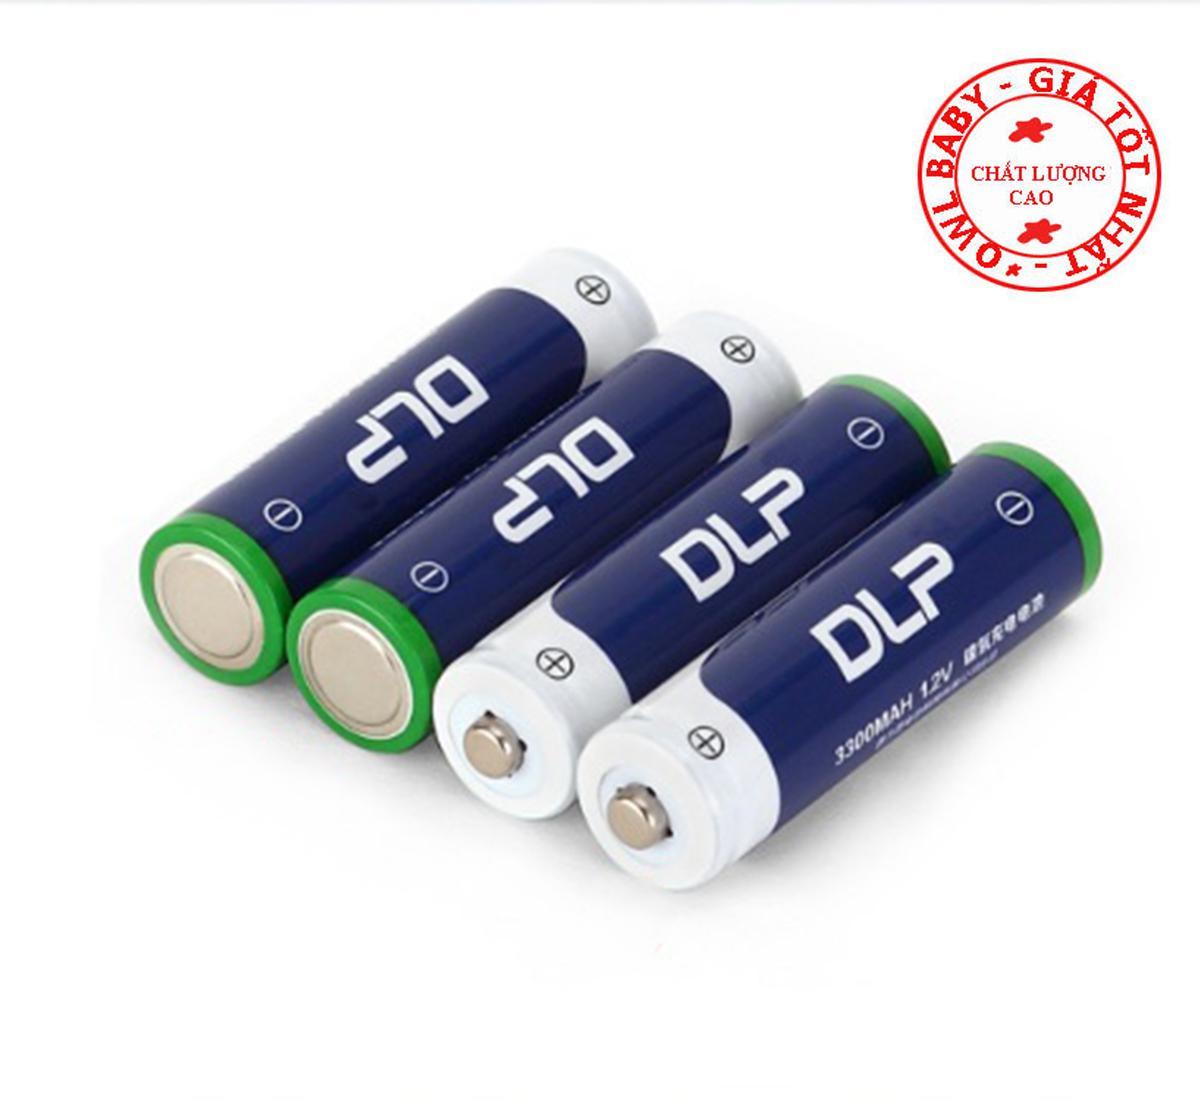 Giá Bán Bộ 4 Pin Tiểu Sạc Delipow Aa Ni Mh 3300Mah Cho May Ảnh O To Điều Khiển Micro Nhãn Hiệu Delipow